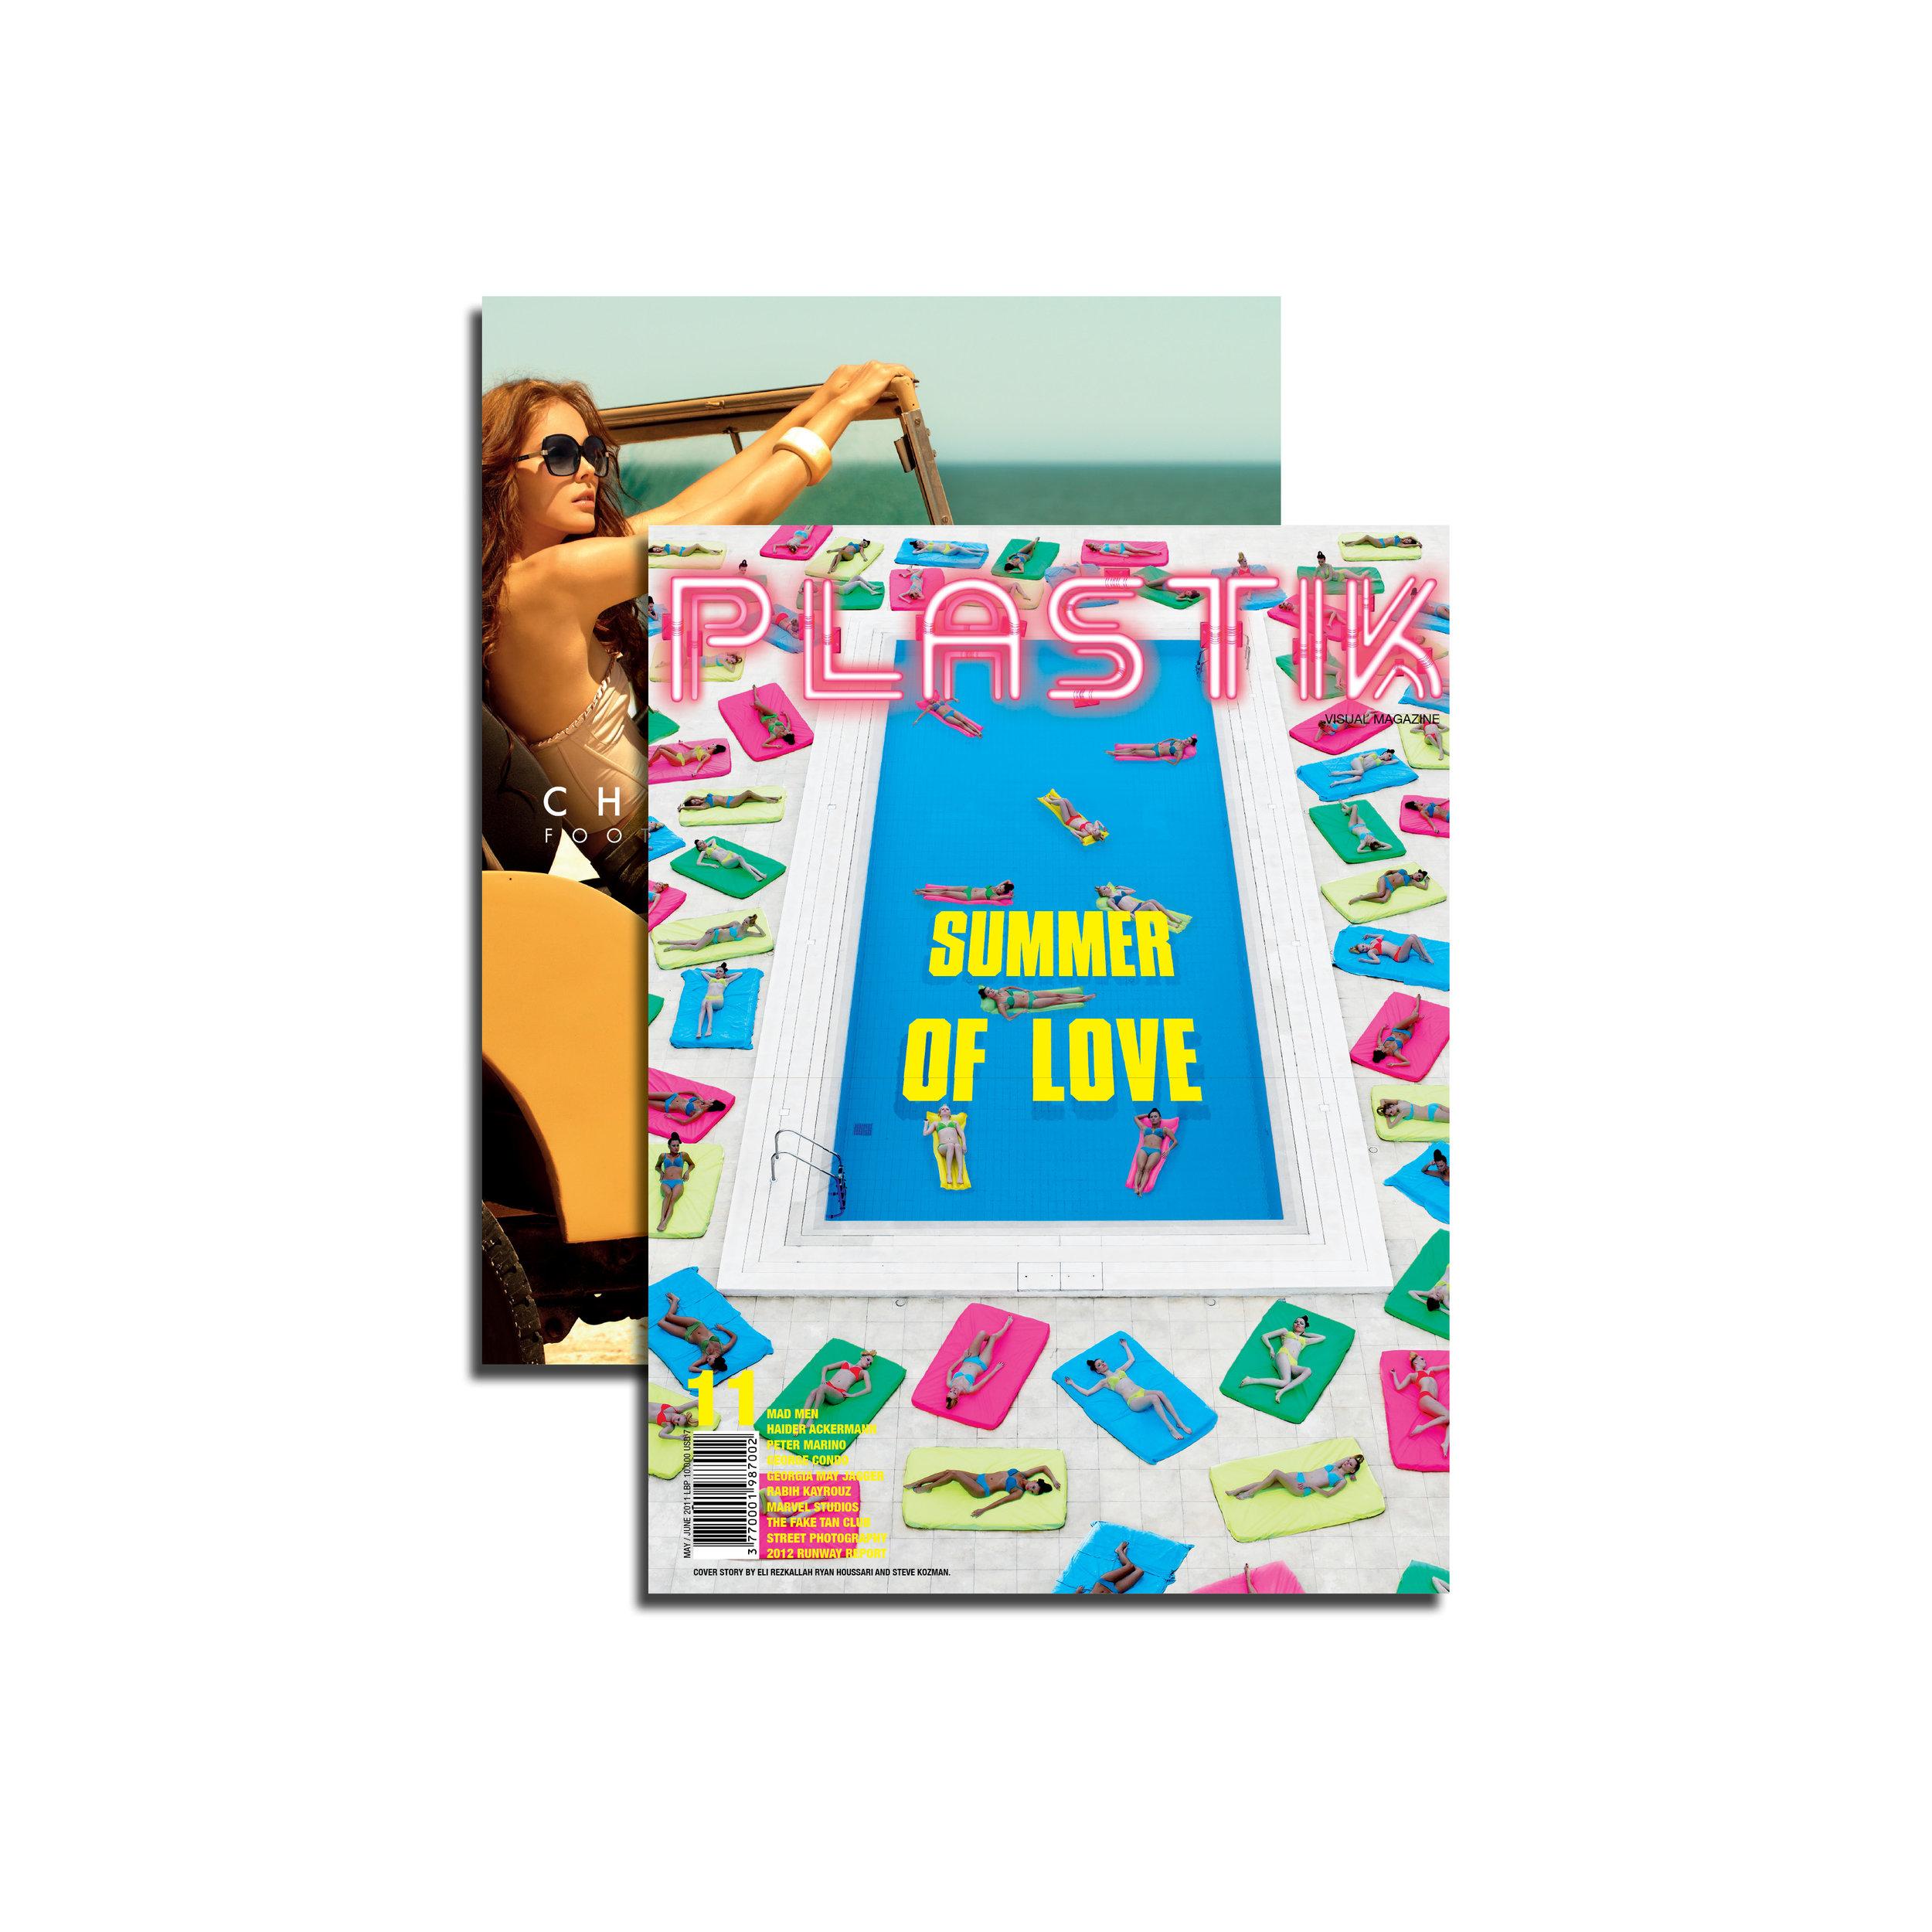 P11-COVER.jpg